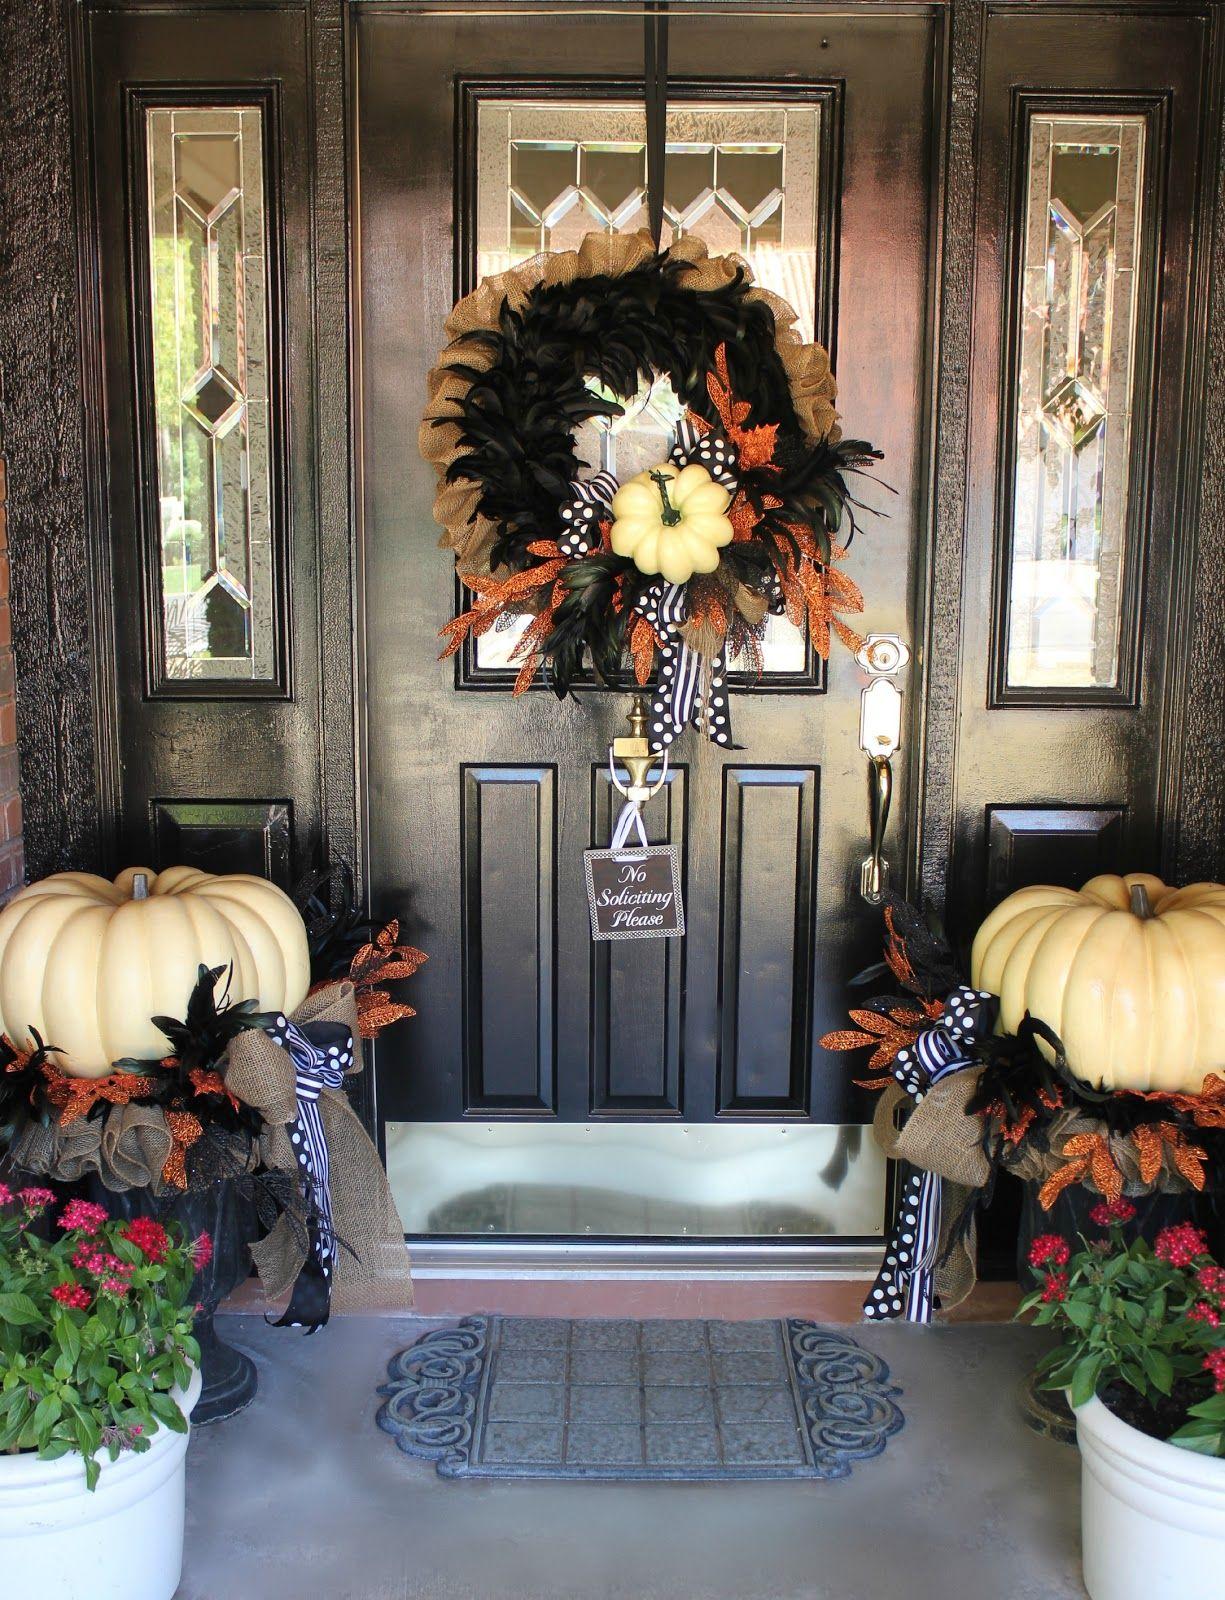 Elegant Halloween Front Door Decorations Fall Decorations Porch Halloween Porch Decorations Halloween Front Porch Decor